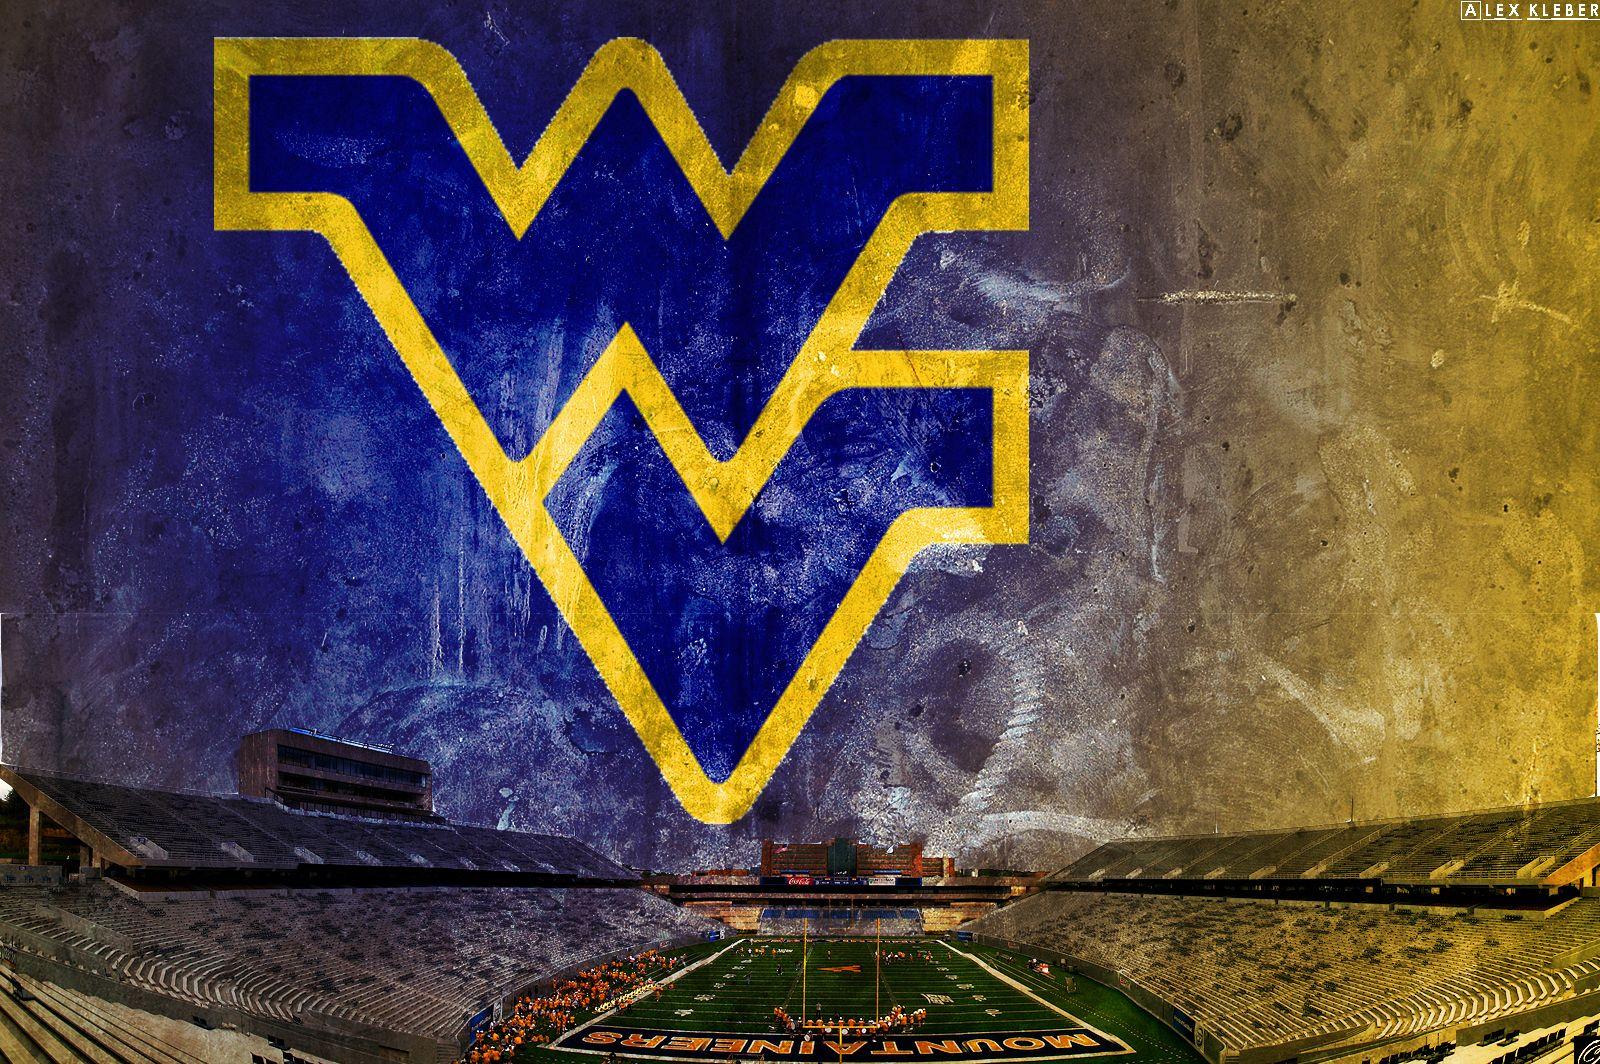 Wvu Wallpaper By Klebz On Deviantart Wvu Mountaineers Wvu Football West Virginia Mountaineers Football